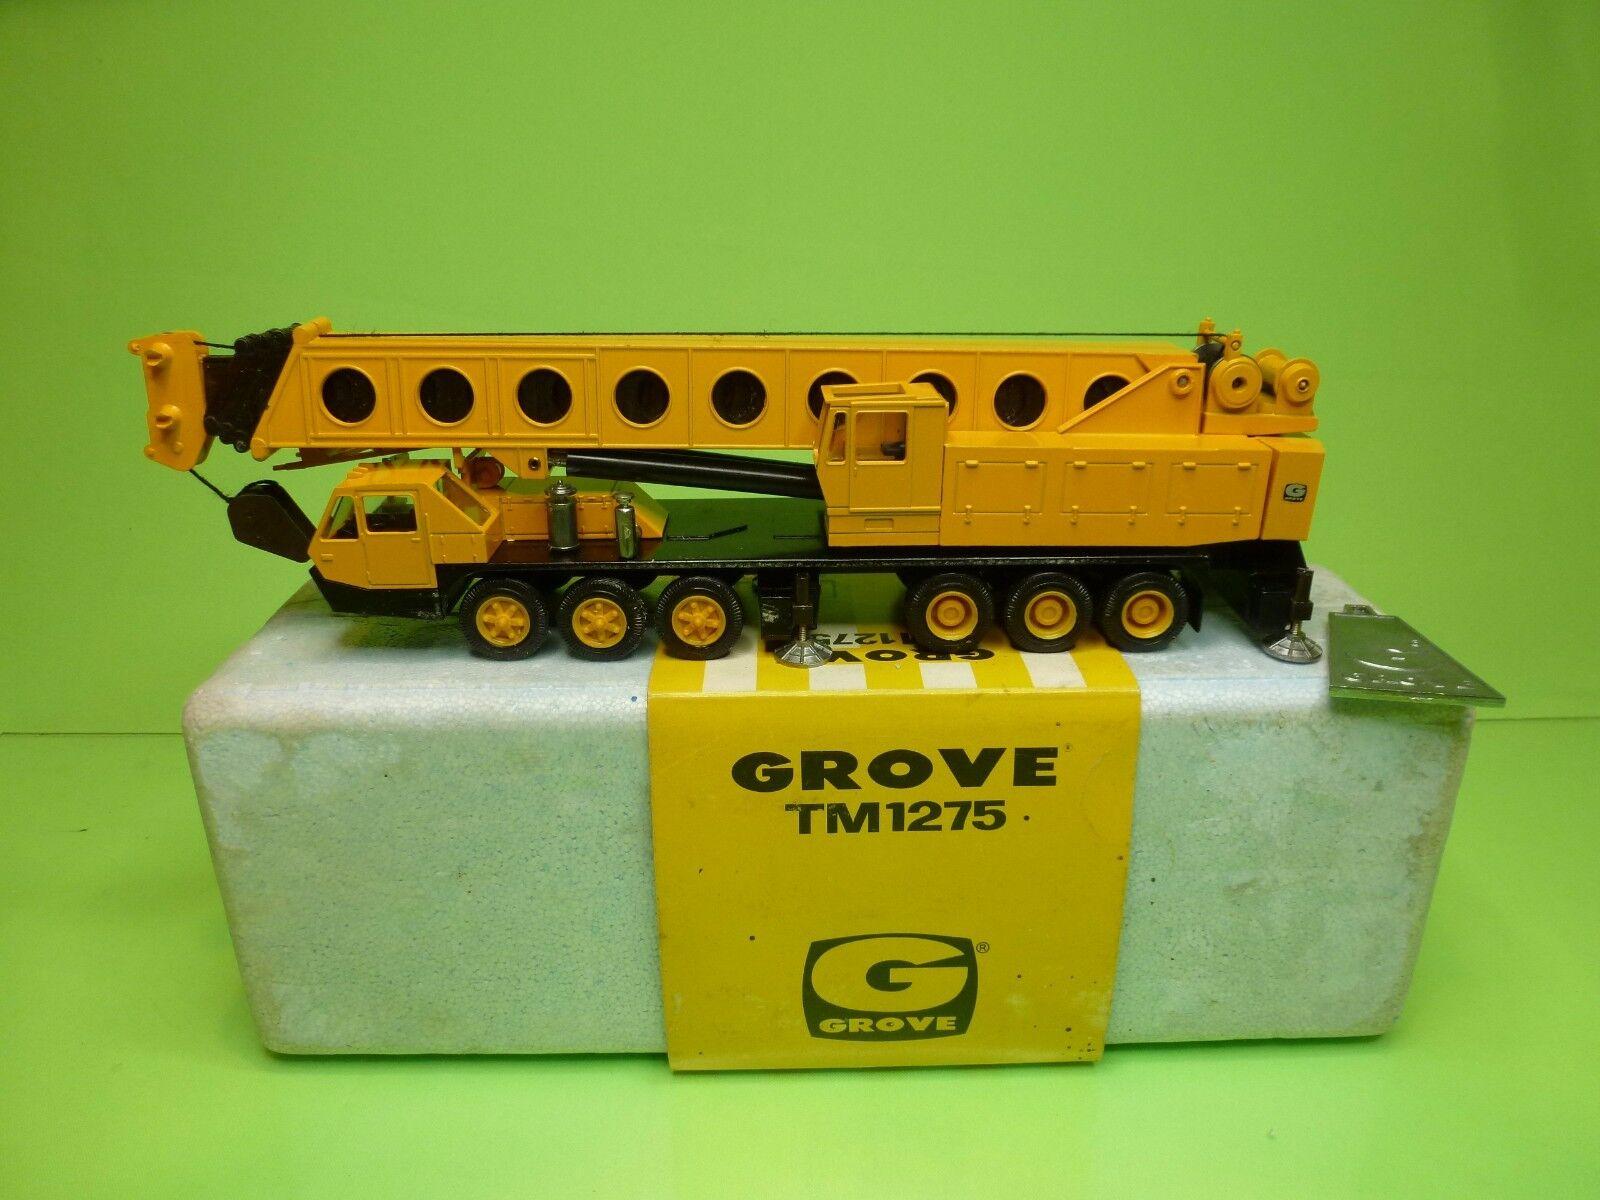 gran venta NZG MODELLE MOBILE TELESCOP CRAN GROVE TM1275    - amarillo 1 60 - GCIB  online al mejor precio